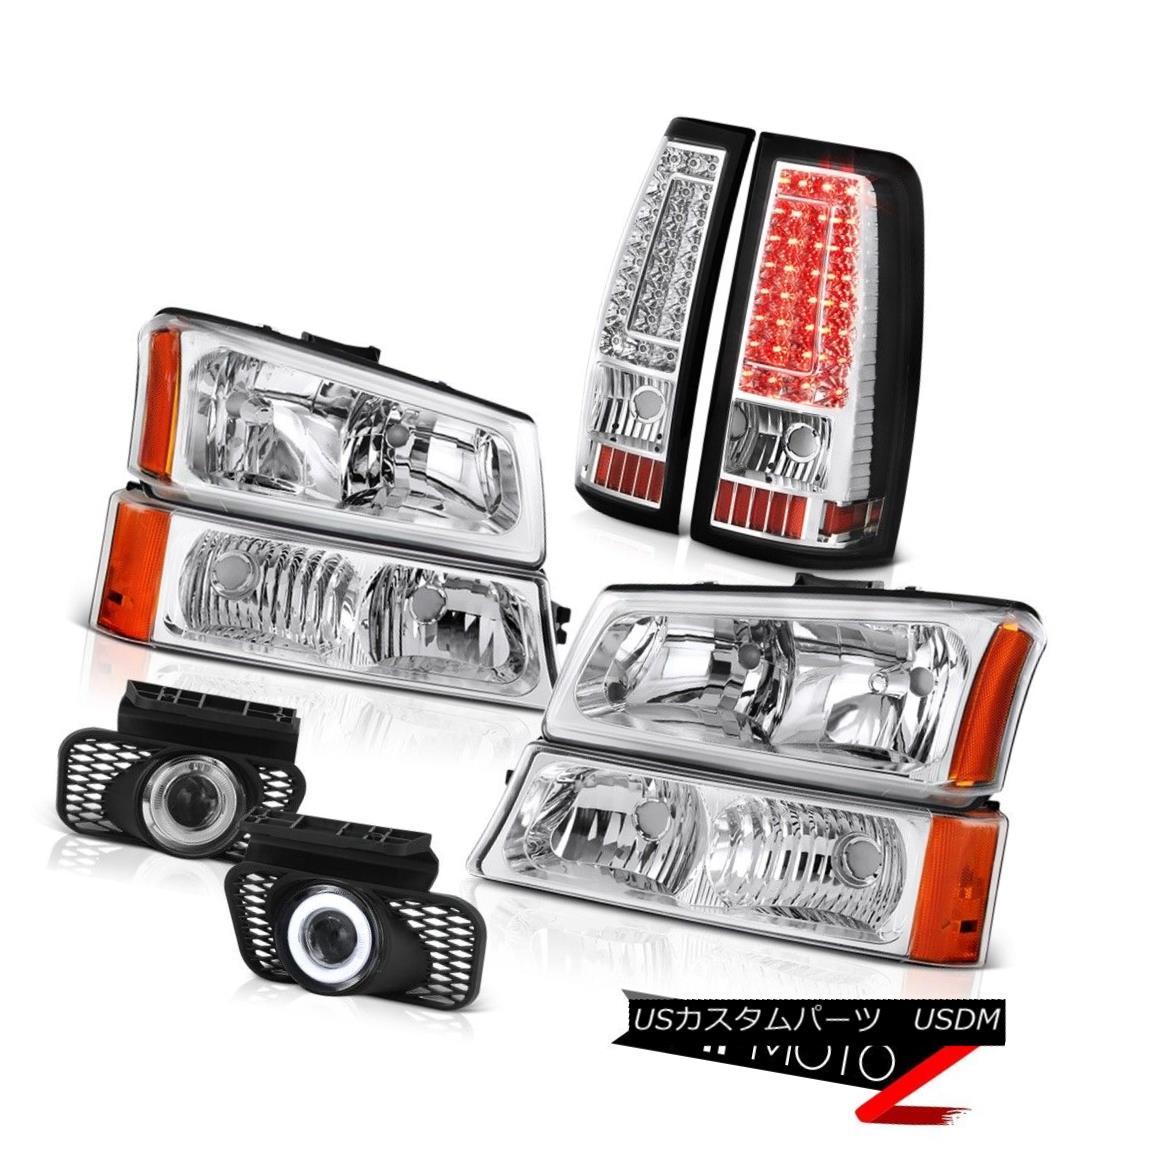 ヘッドライト 03-06 Silverado 2500Hd Fog Lights Parking Brake Headlamps LED SMD Factory Style 03-06 Silverado 2500HdフォグライトパーキングブレーキヘッドランプLED SMD Factory Style